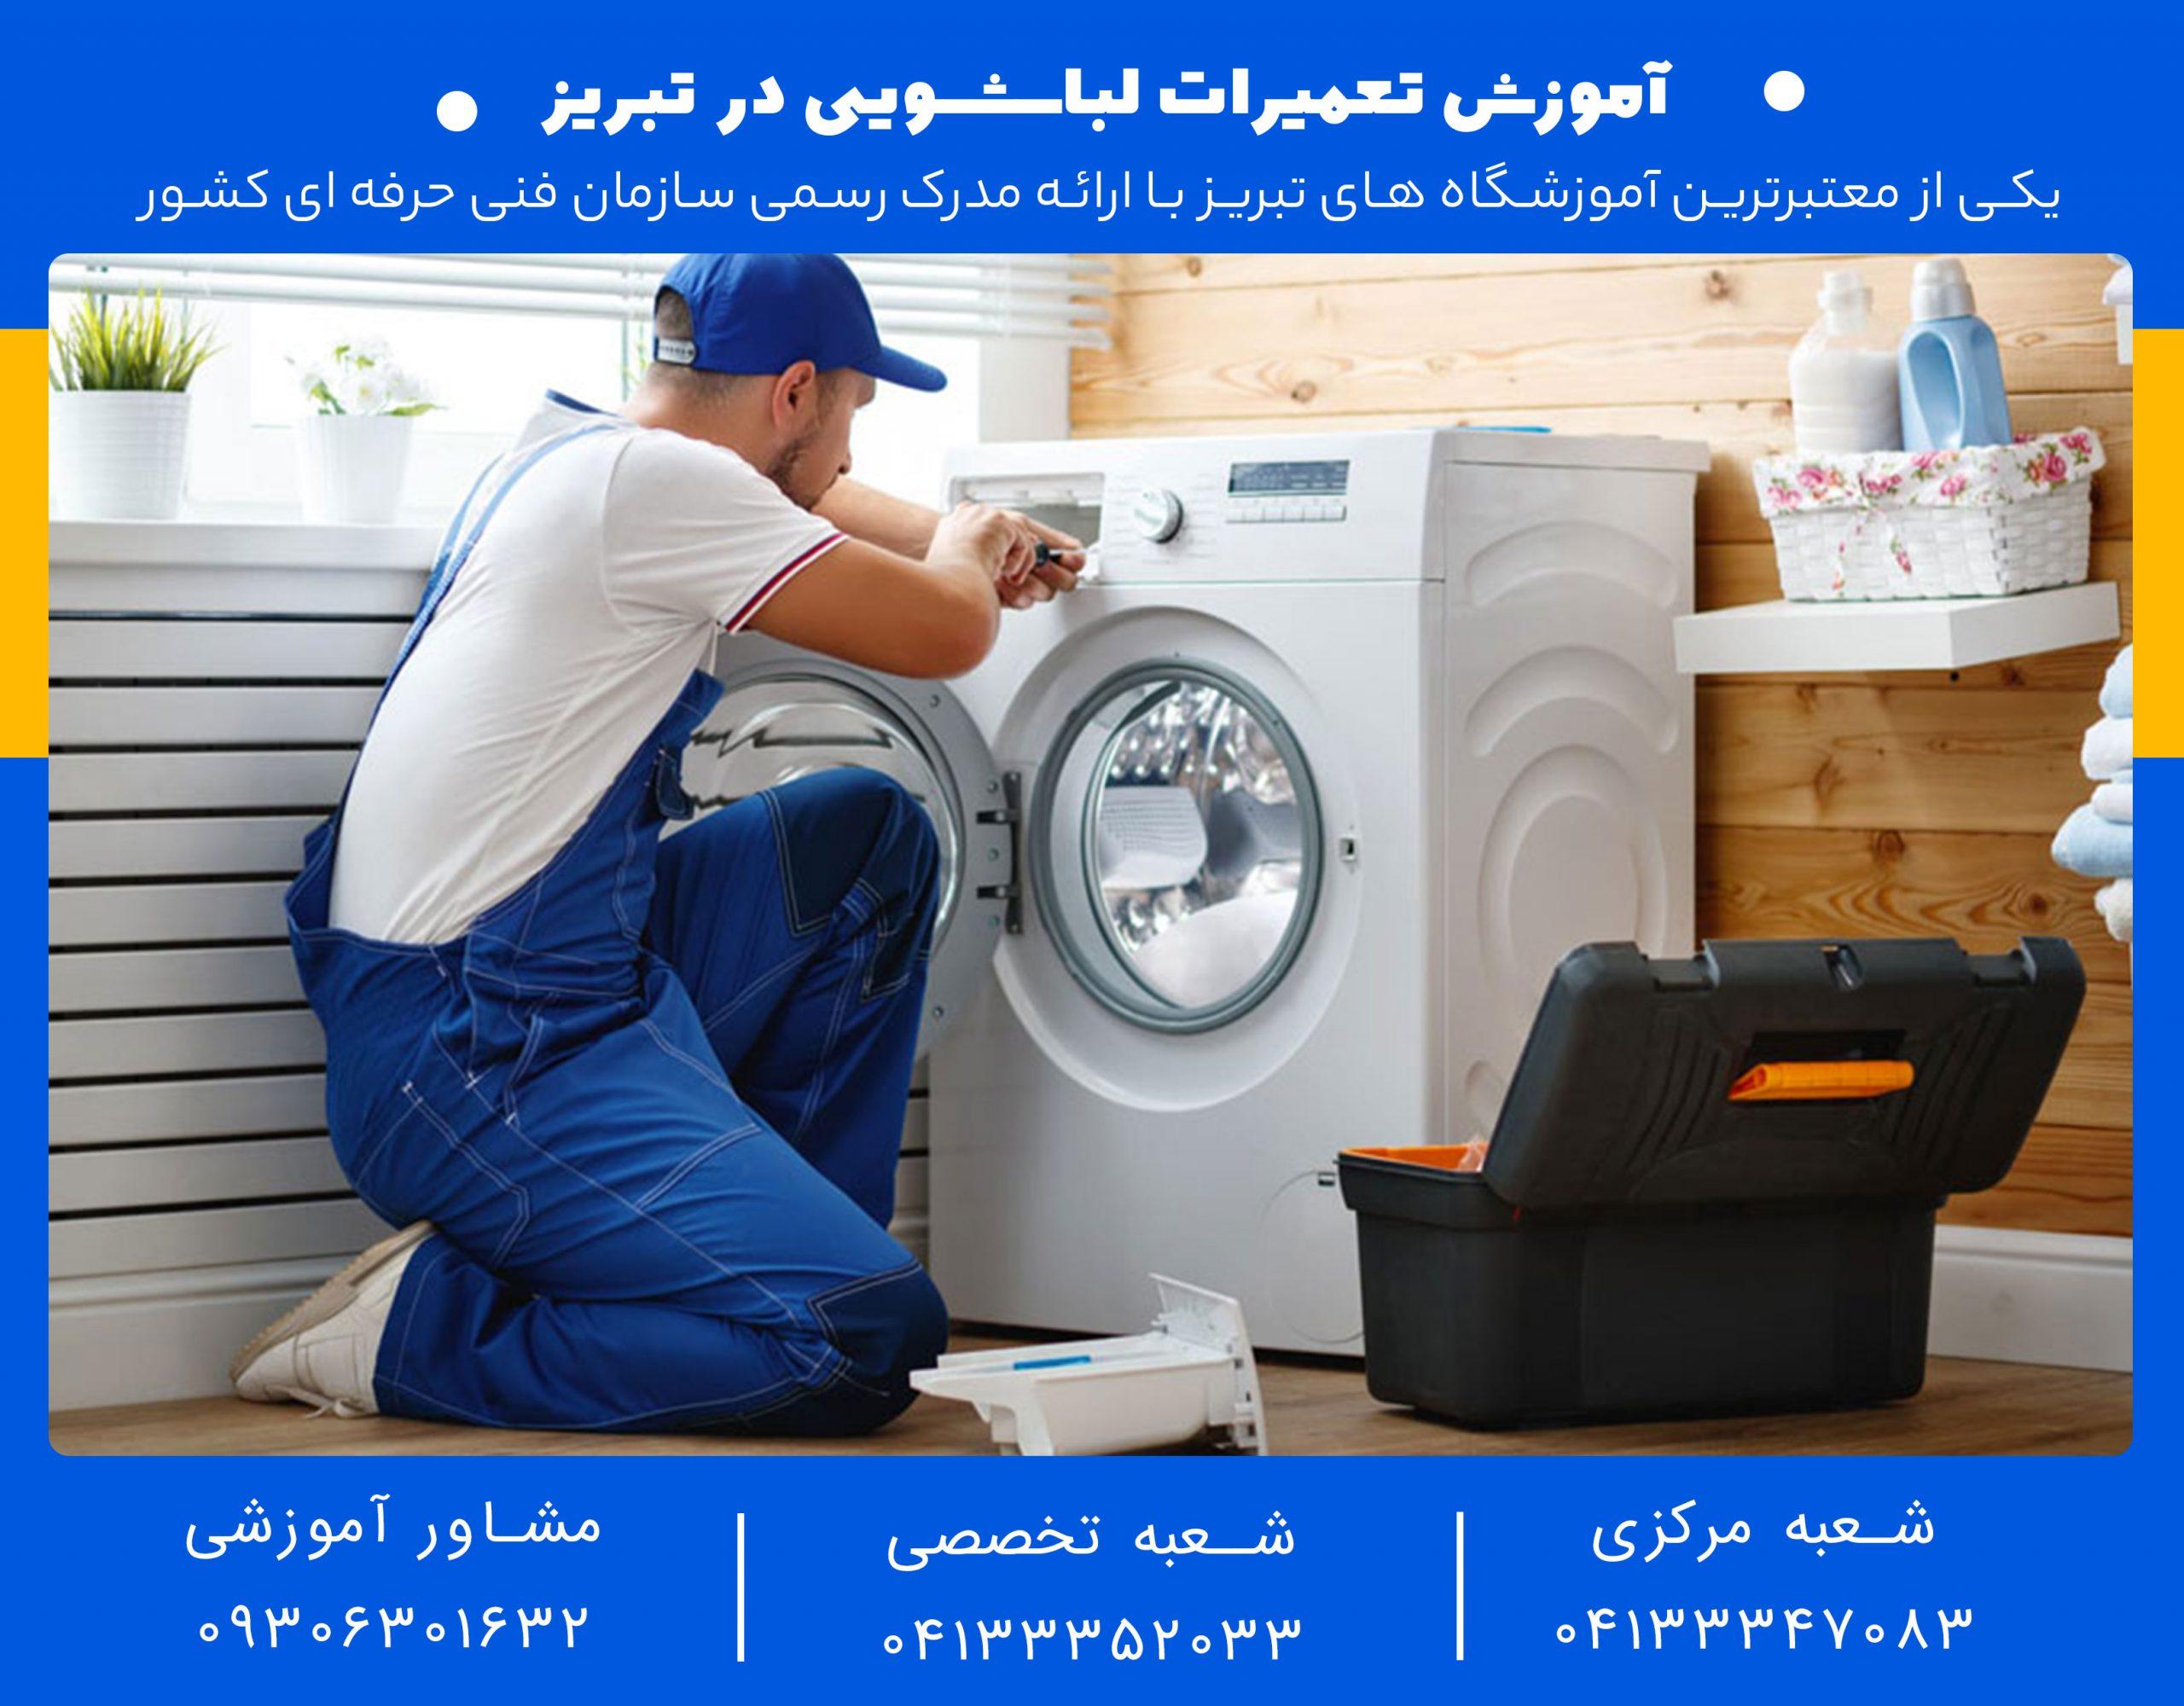 آموزش-تعمیرات-لباسشویی-در-تبریز